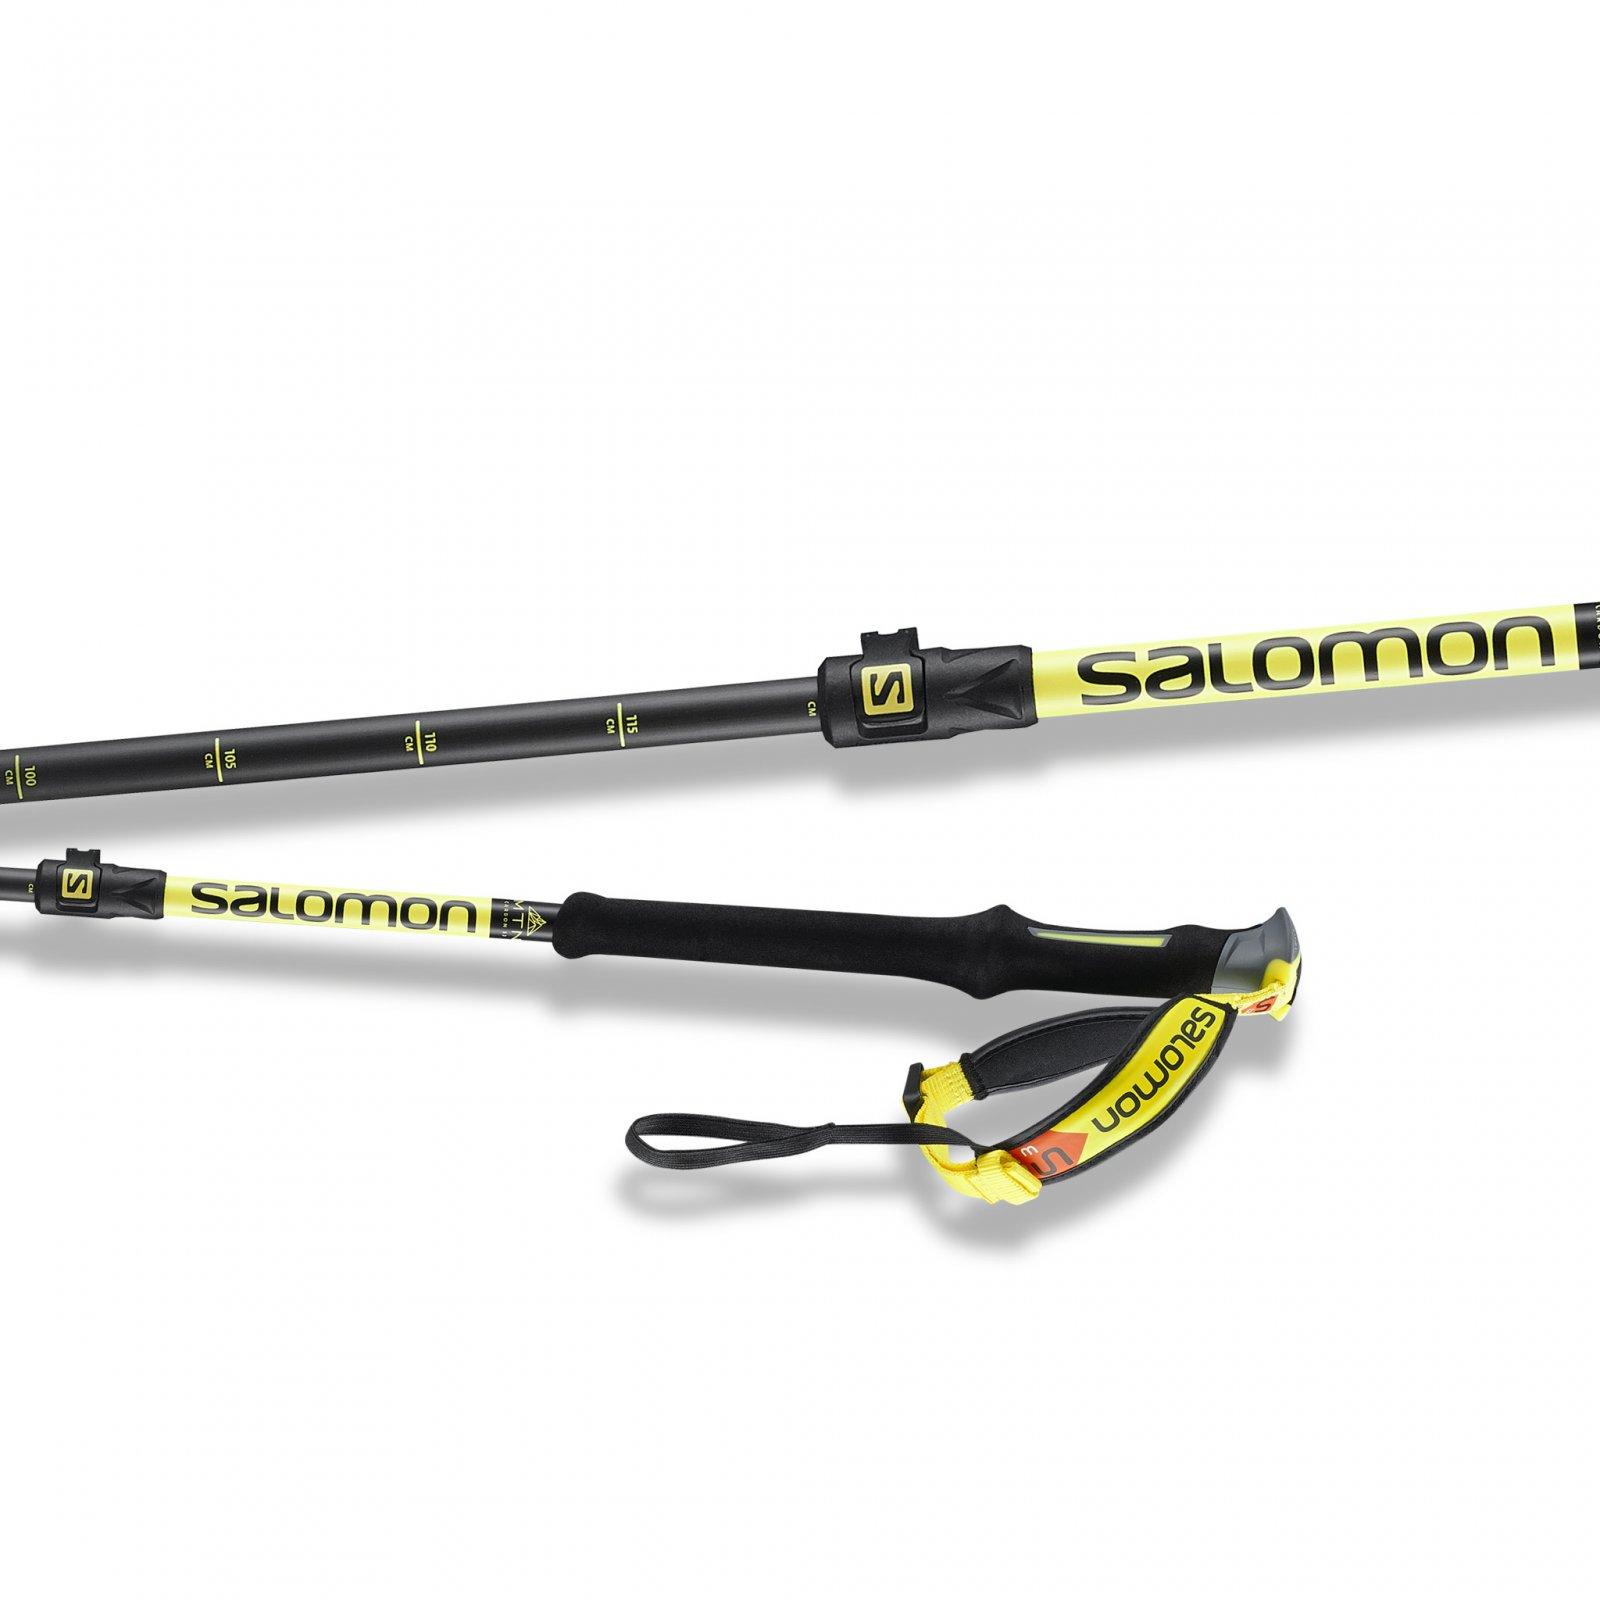 Salomon MTN Carbon S3 Pole